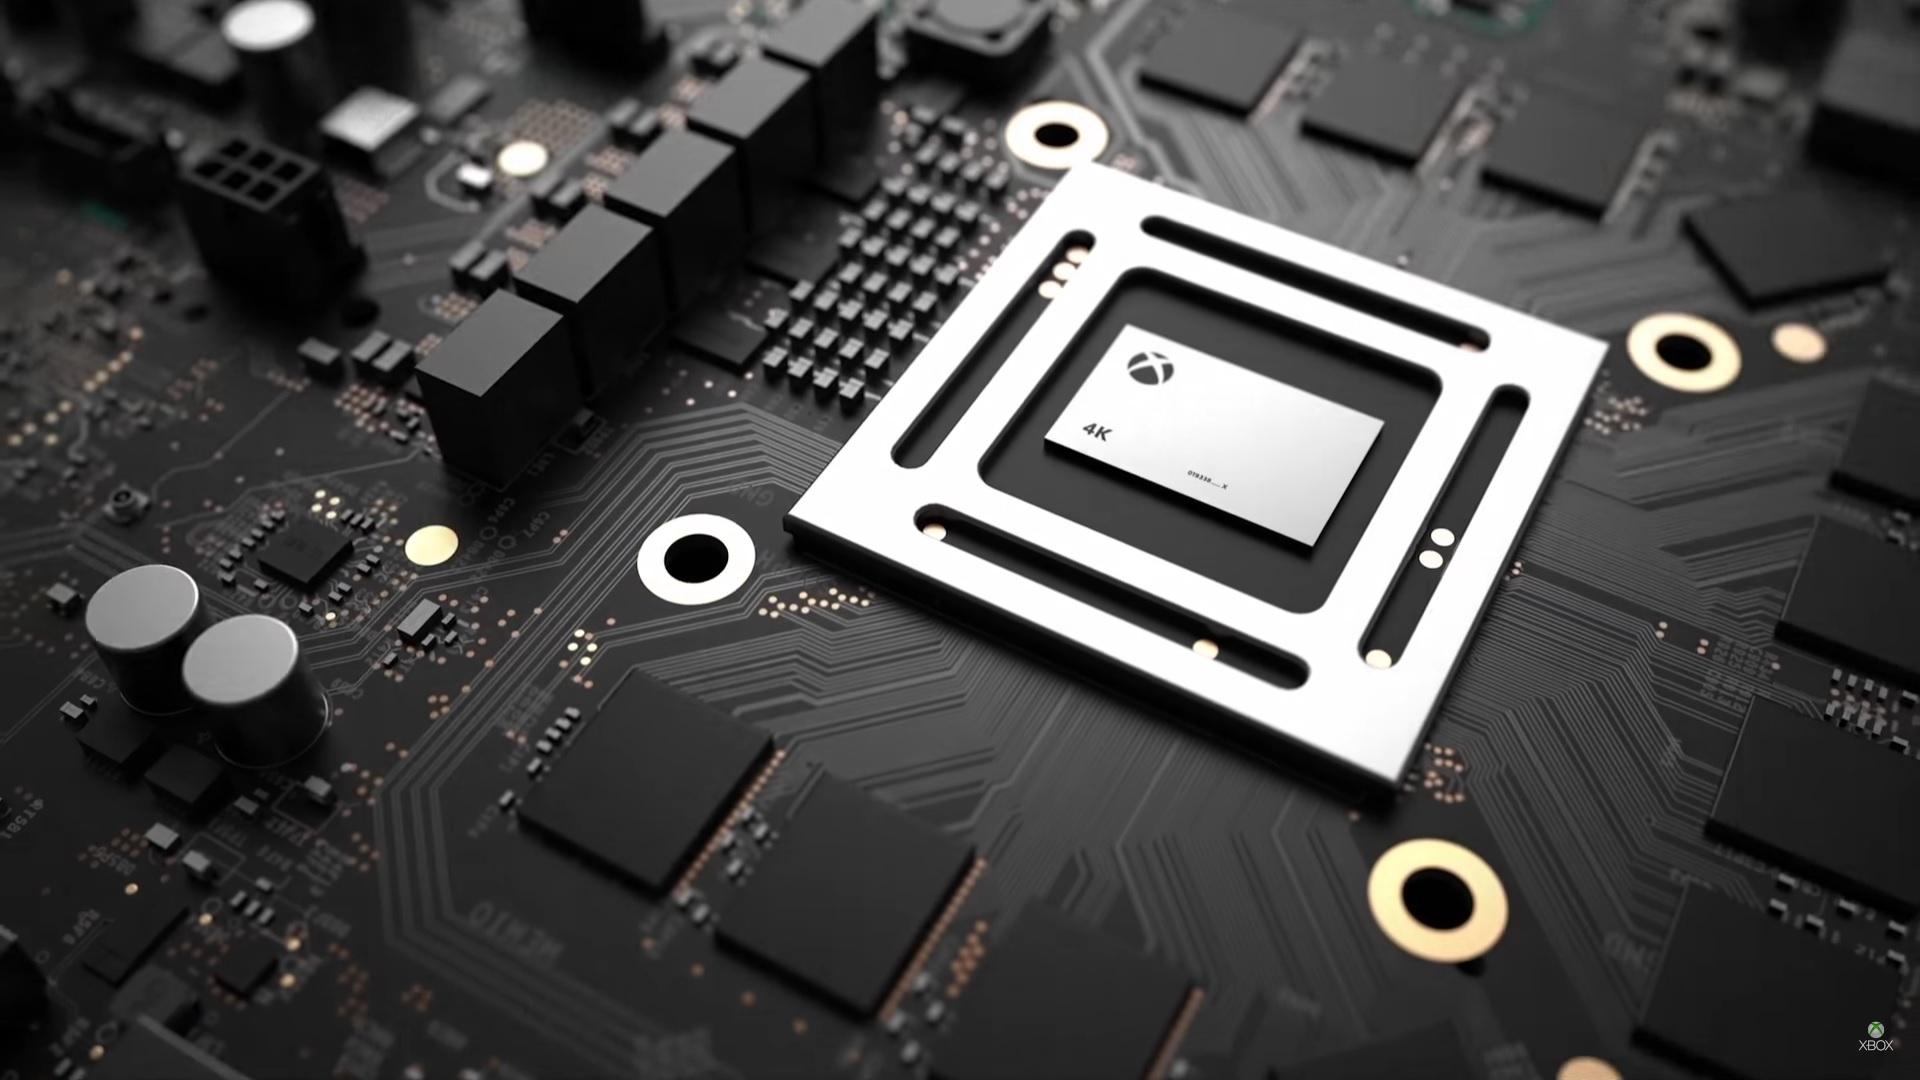 La puce de la Xbox One X pour illustration